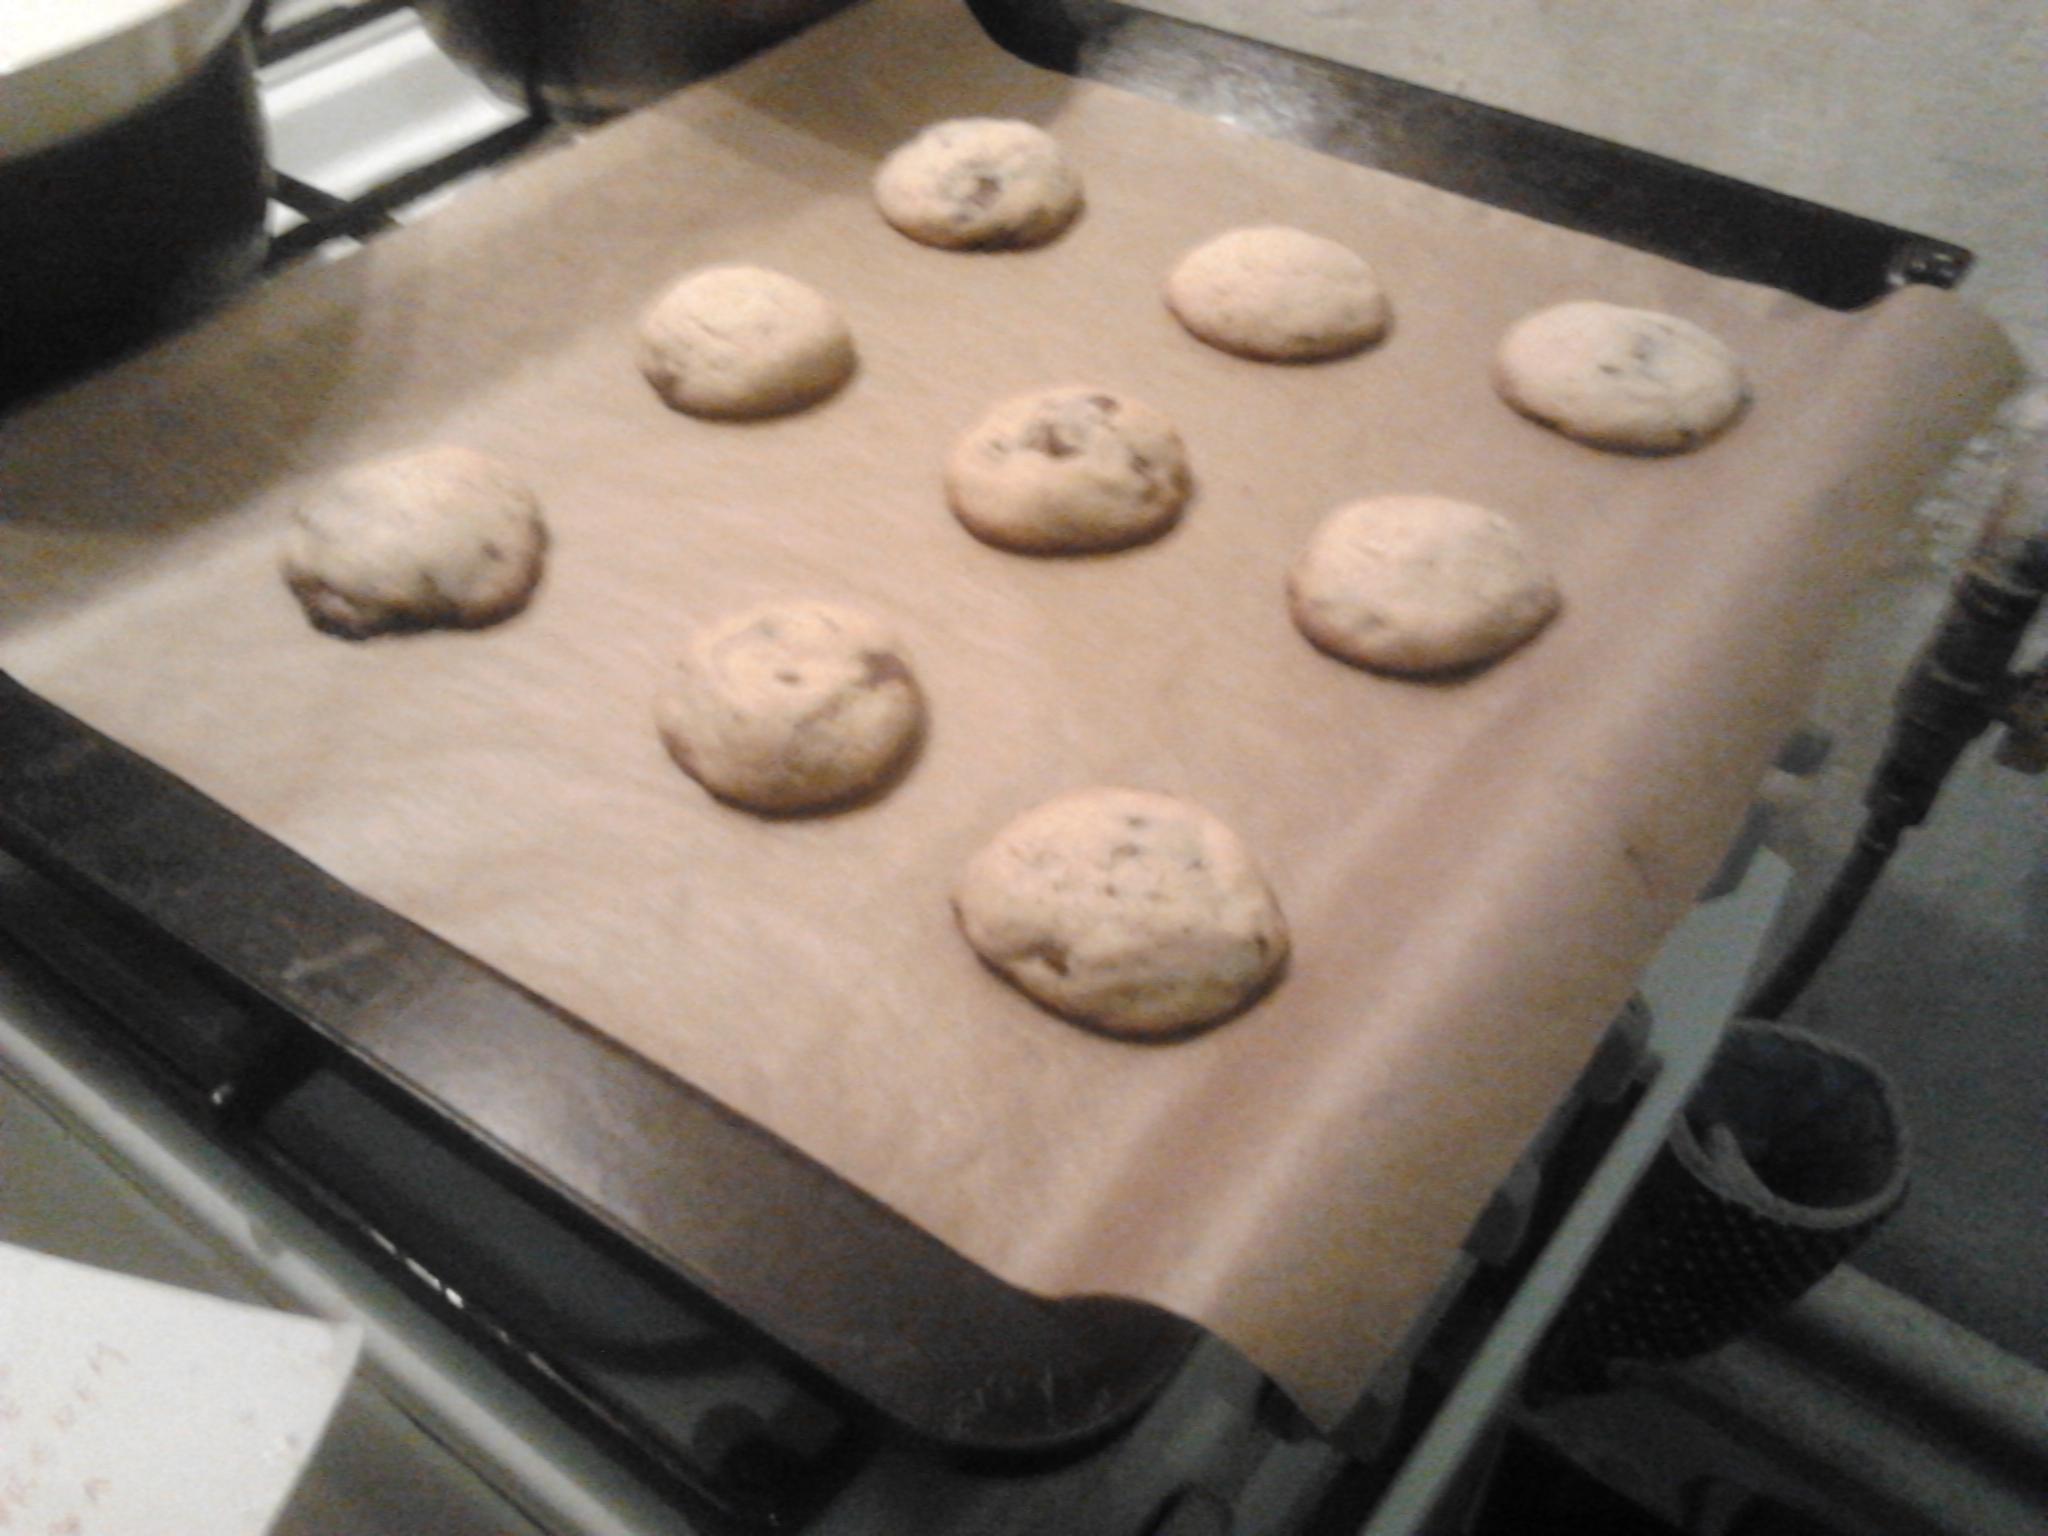 Recept Americké čokoládové cookies - Sušenky celé rodině i známým chutnali a brali si na ně recept. Takže doporučuji!